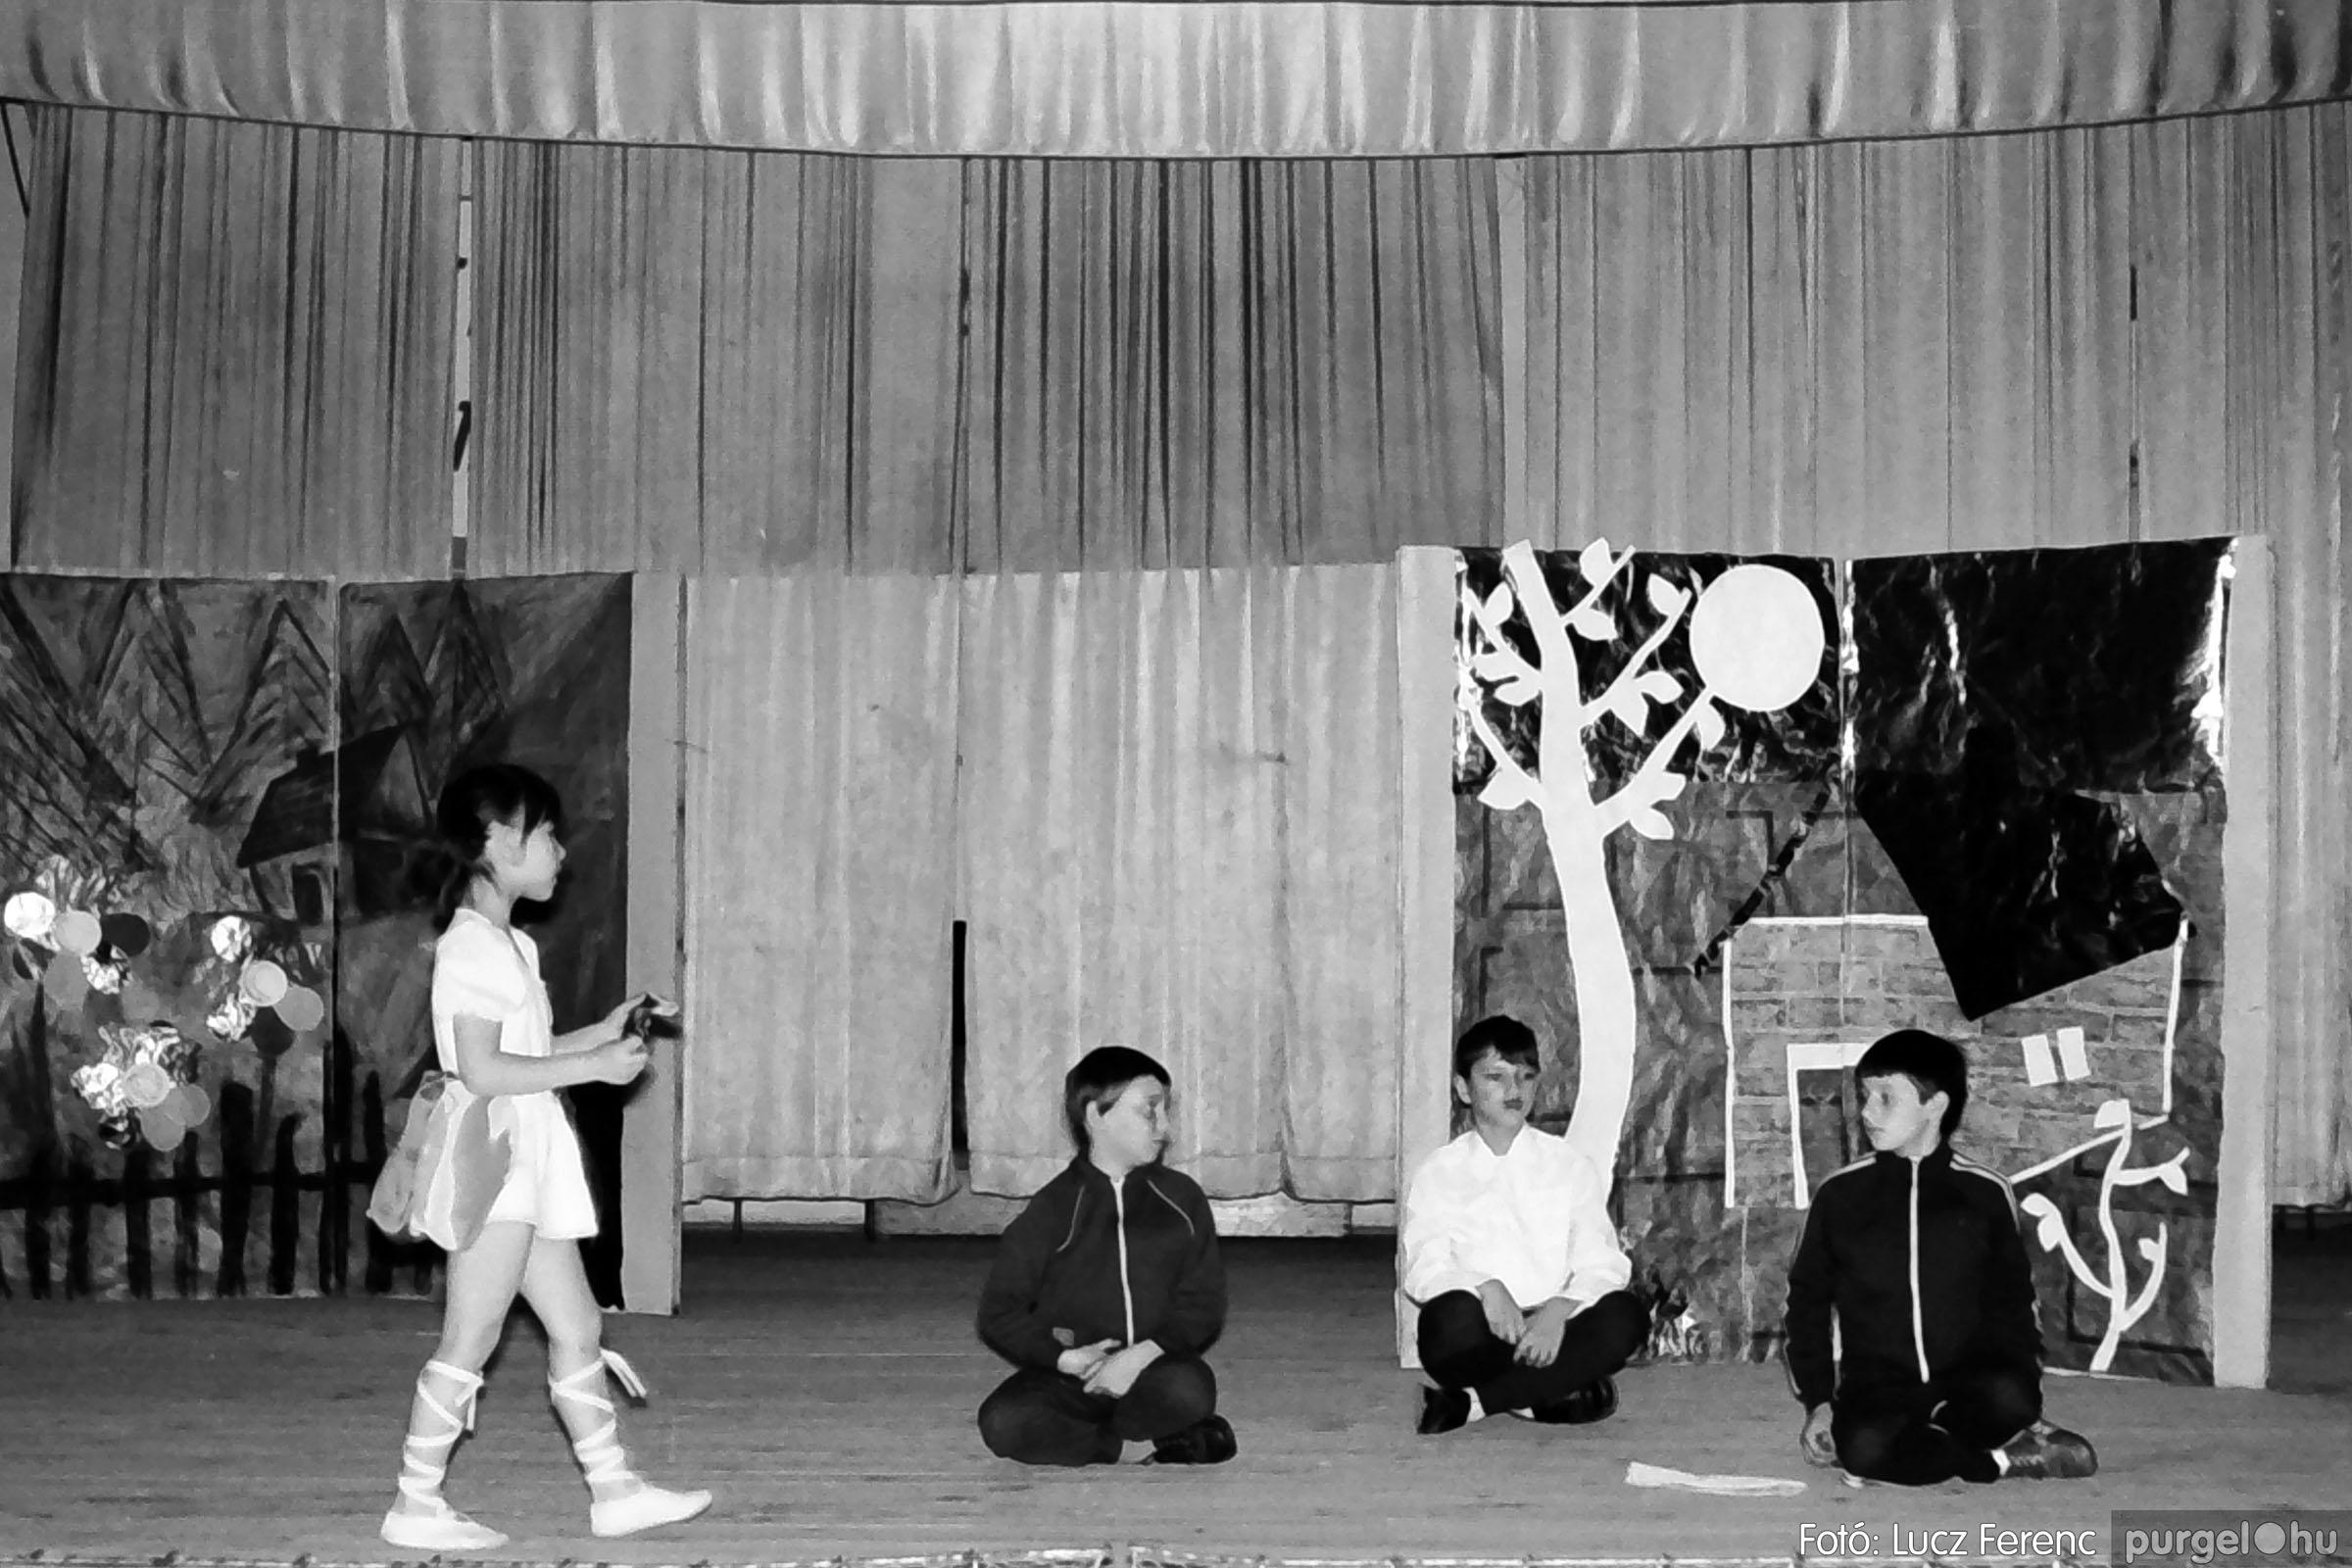 036-037. 1976. Diákprogram a kultúrházban 009 - Fotó: Lucz Ferenc.jpg